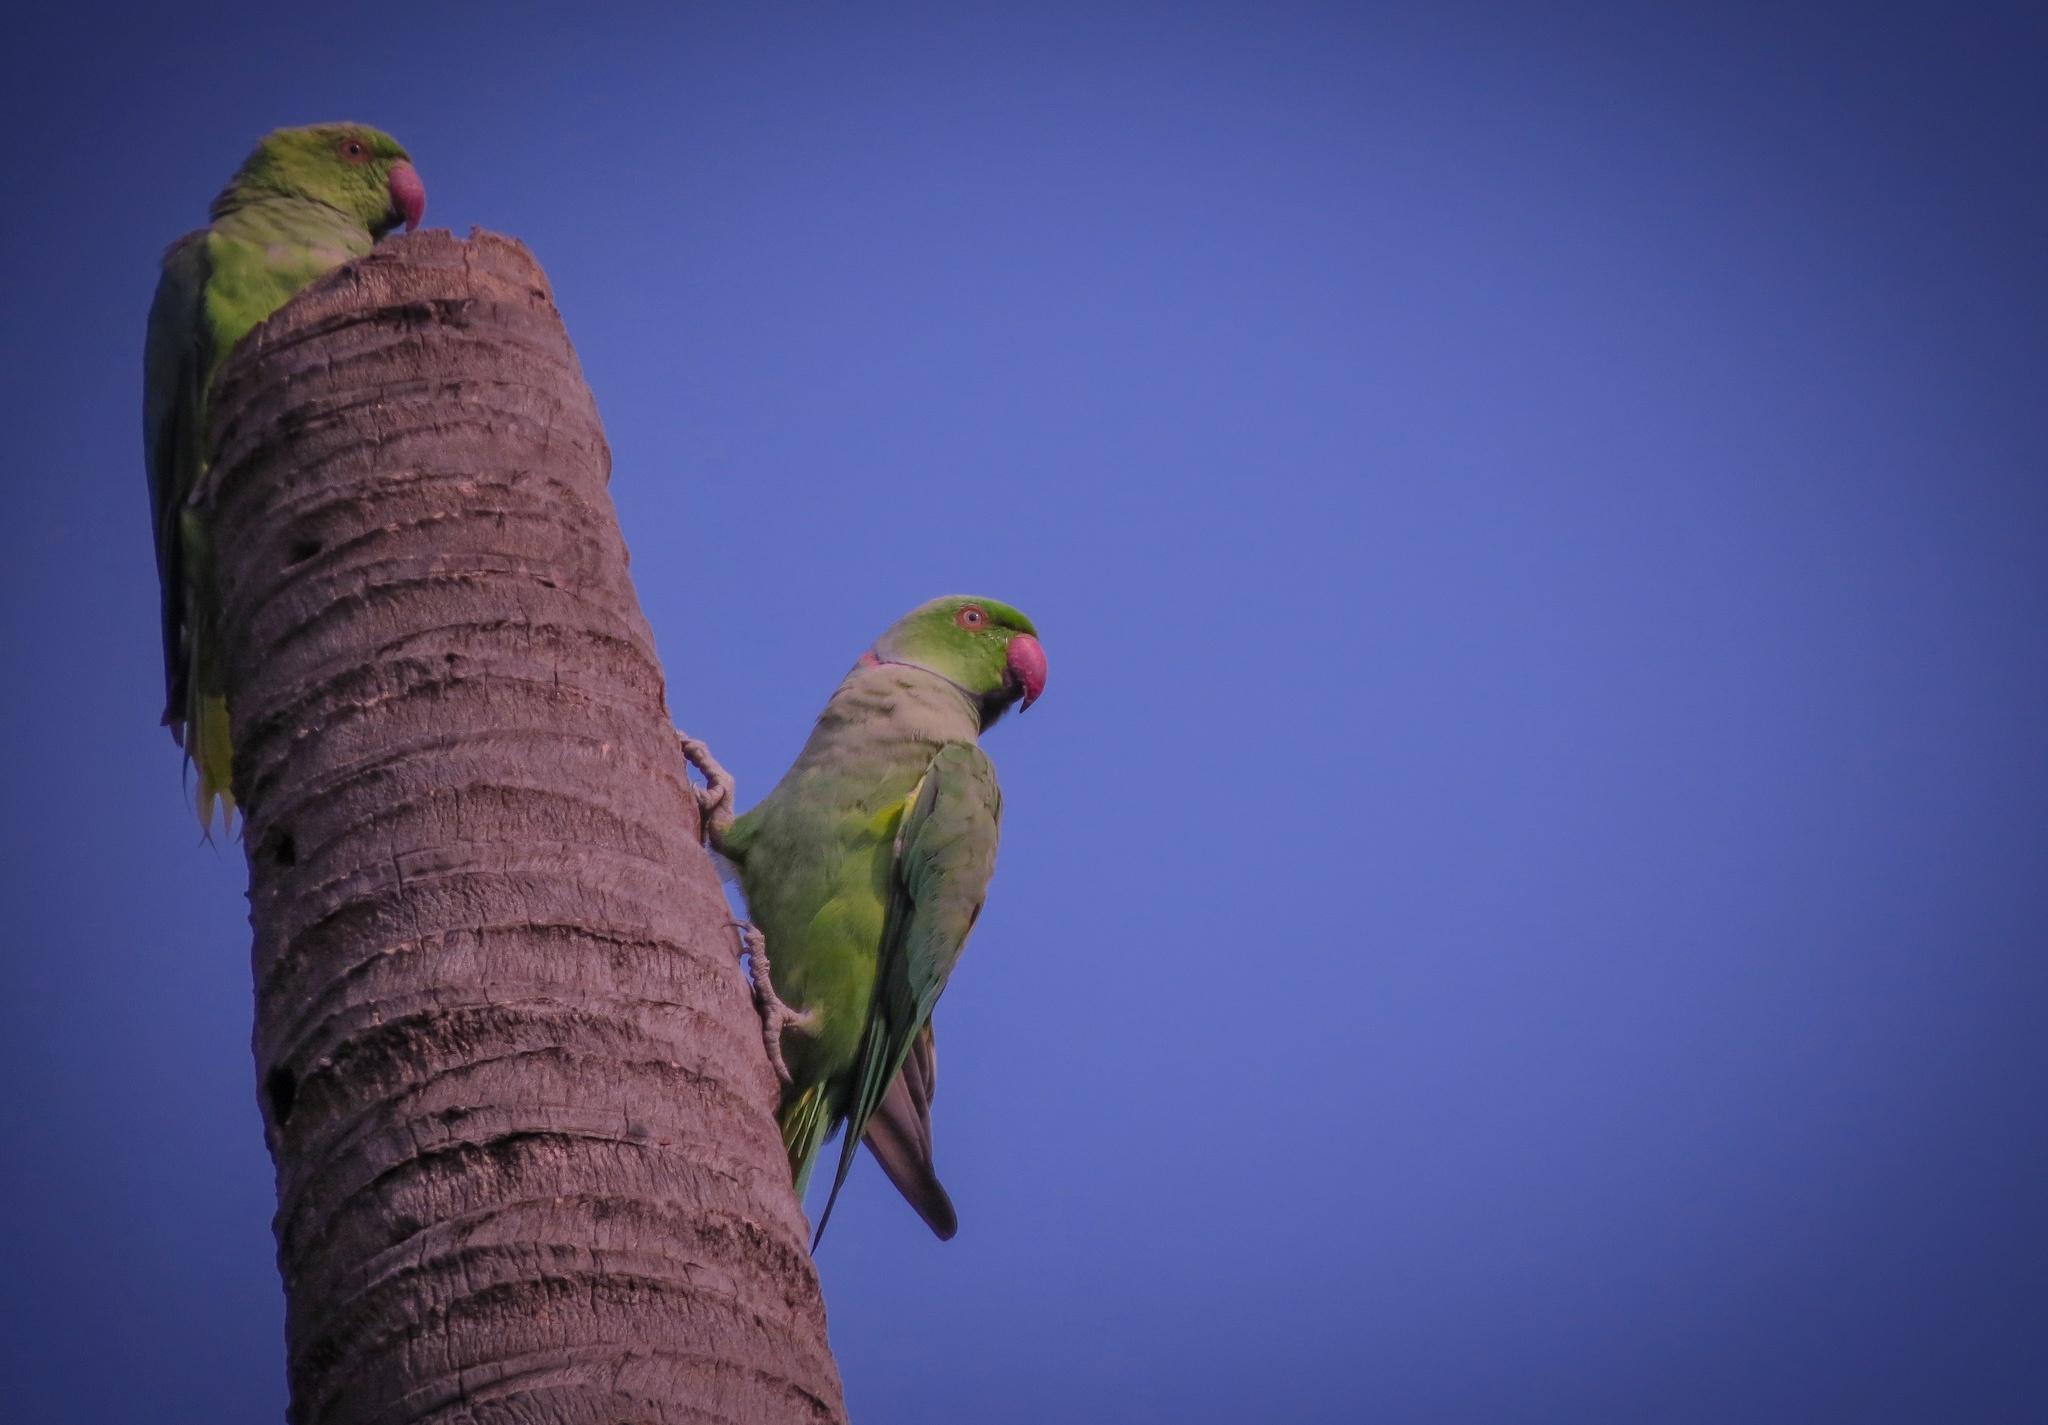 Parrots on a broken tree